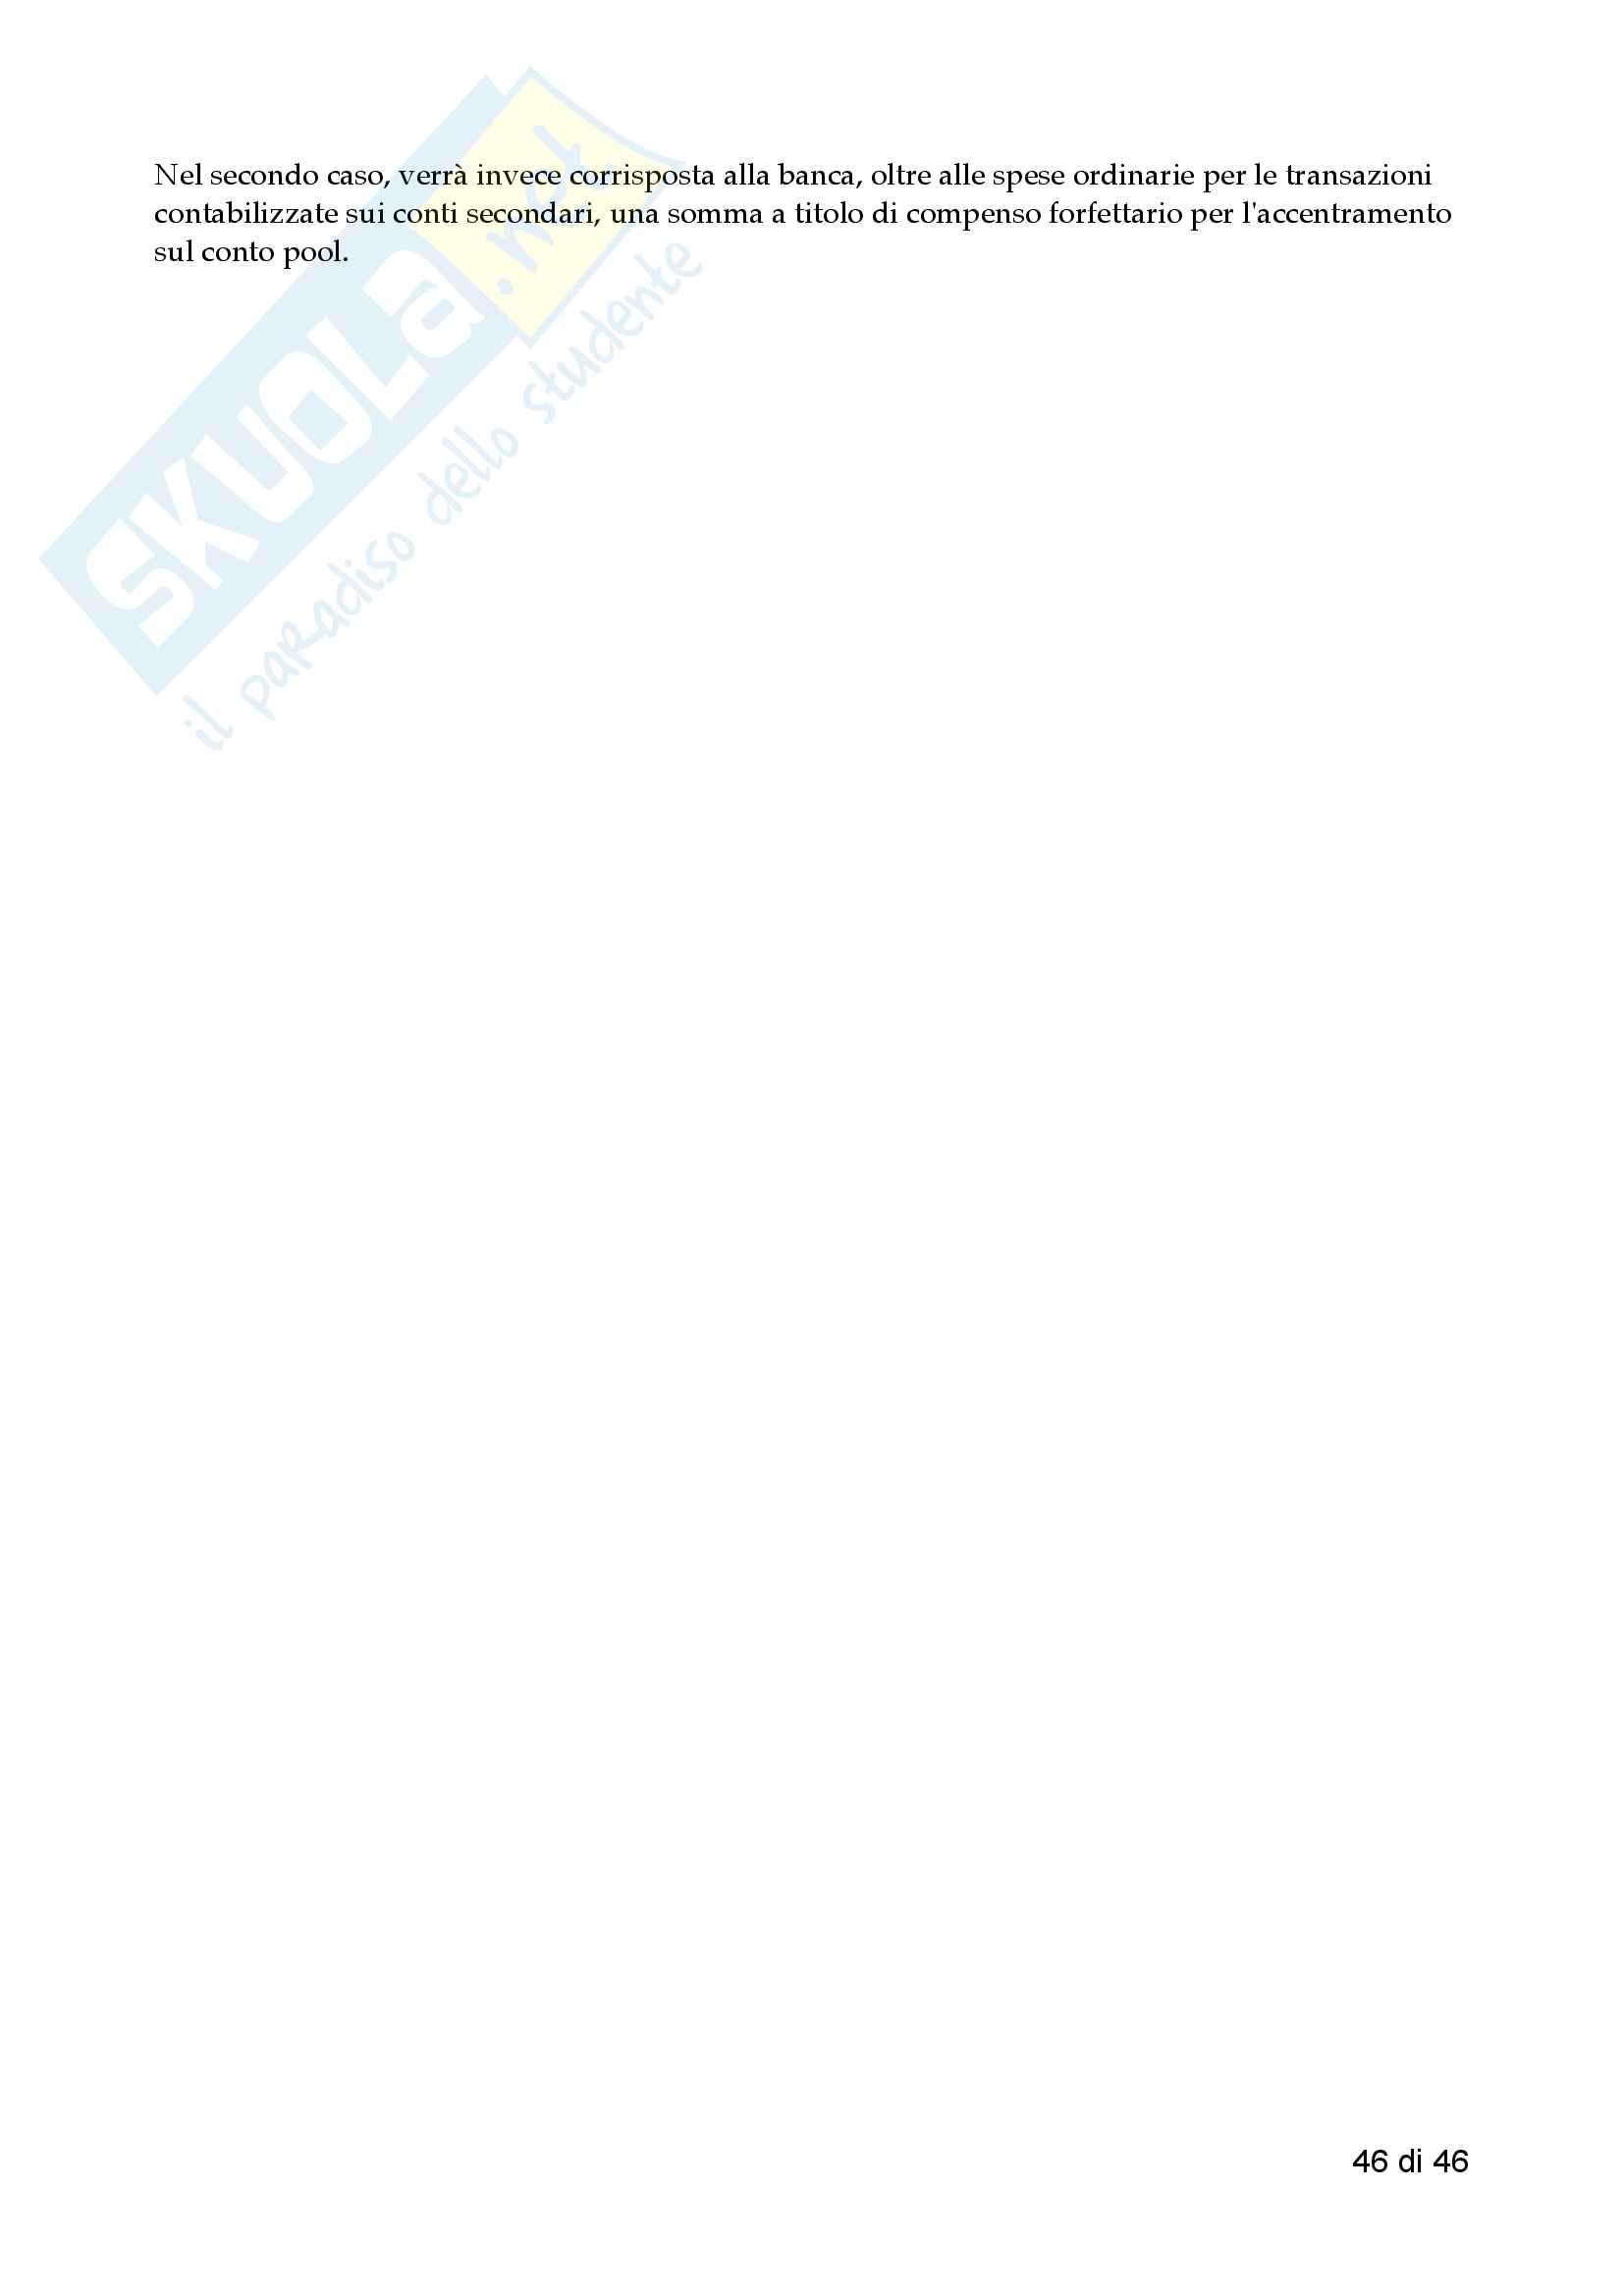 Economia delle aziende di credito - 1 Pariziale pdf Pag. 46